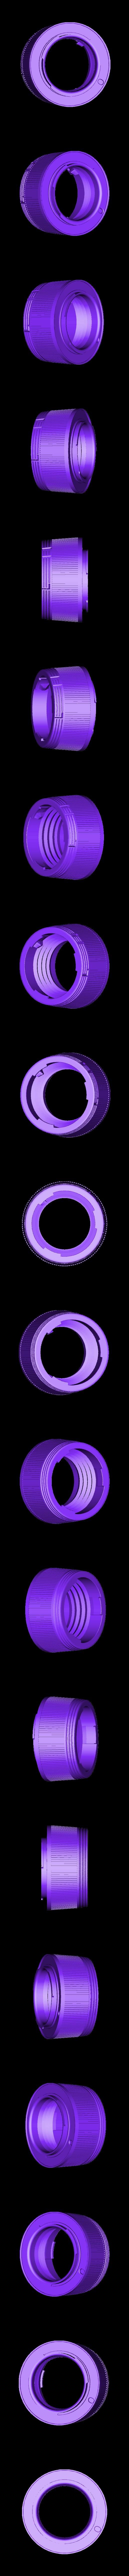 F-to-E_Mount_Adaptor_v1.1.stl Télécharger fichier STL gratuit Adaptateur d'objectif Sony E-Mount pour objectif Nikon F-Mount • Plan à imprimer en 3D, AlbertKhan3D